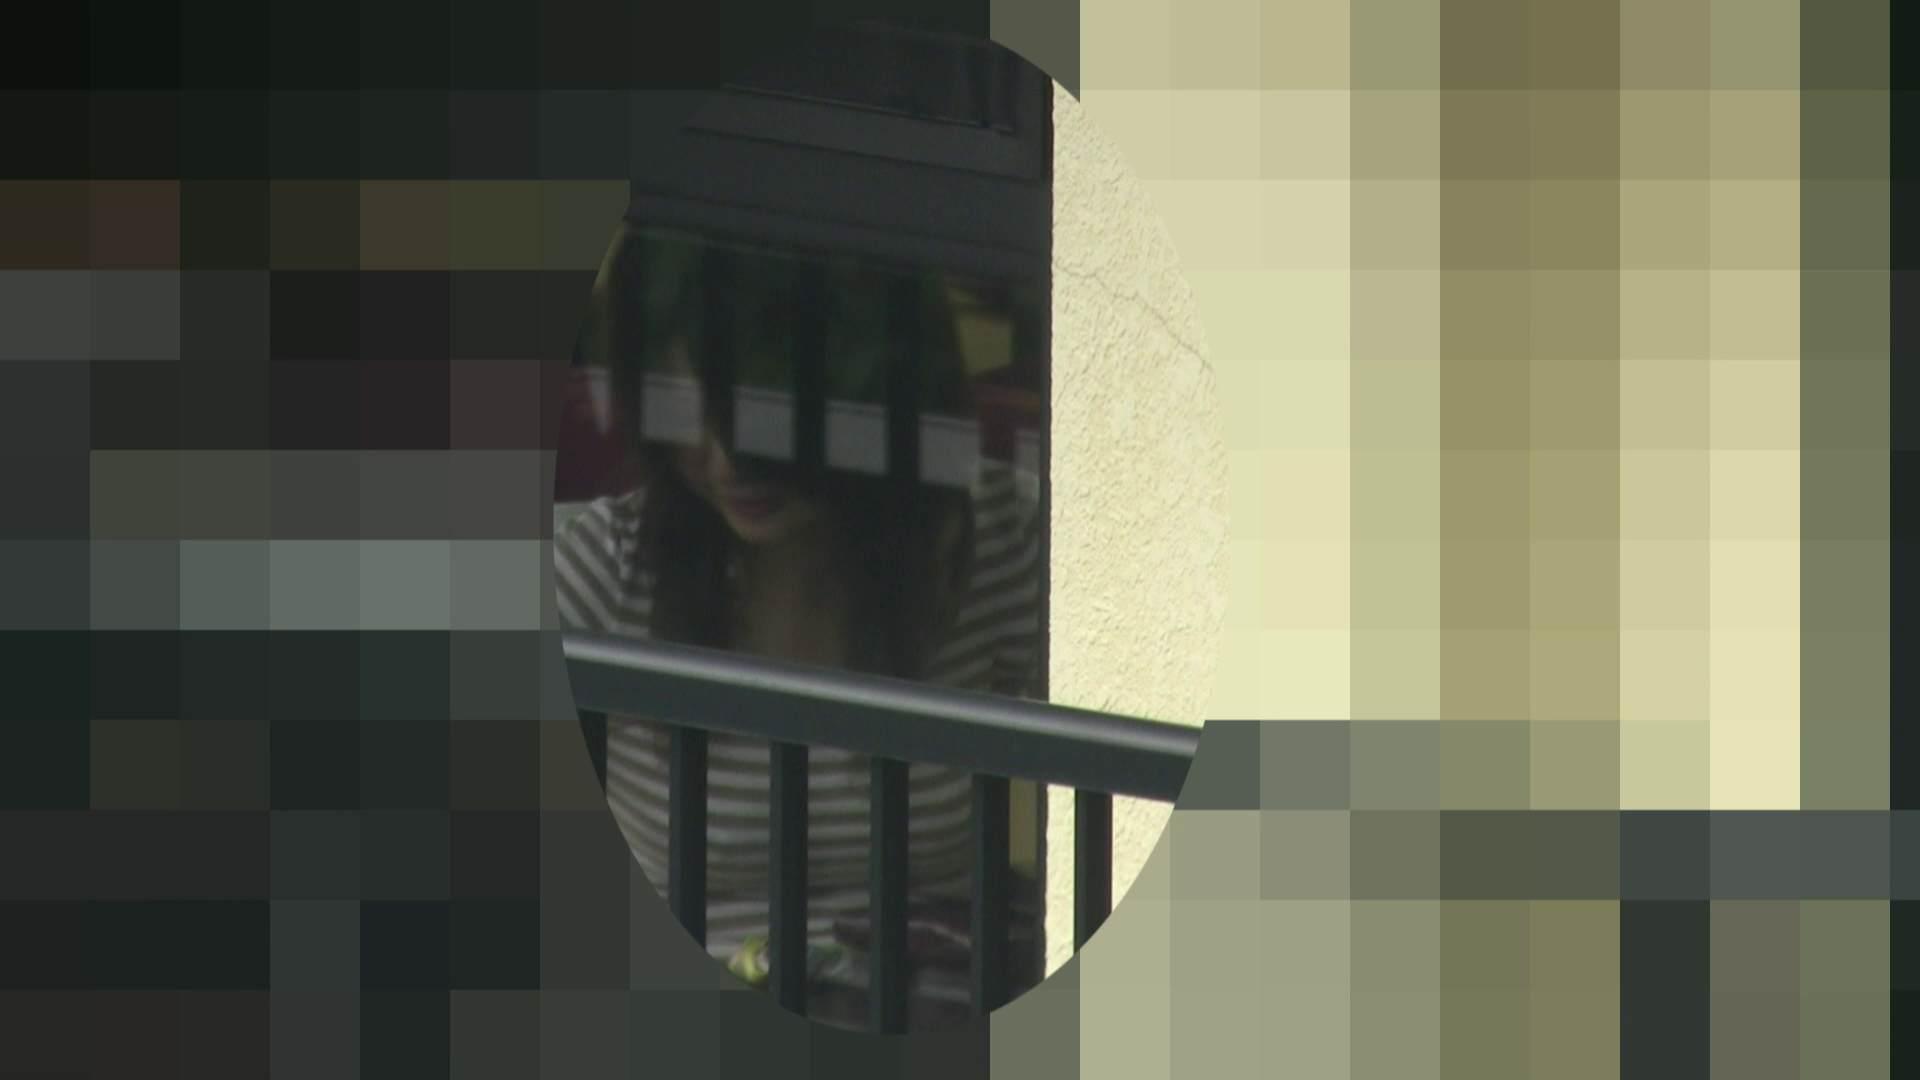 高画質露天女風呂観察 vol.032 望遠 おまんこ無修正動画無料 103pic 89